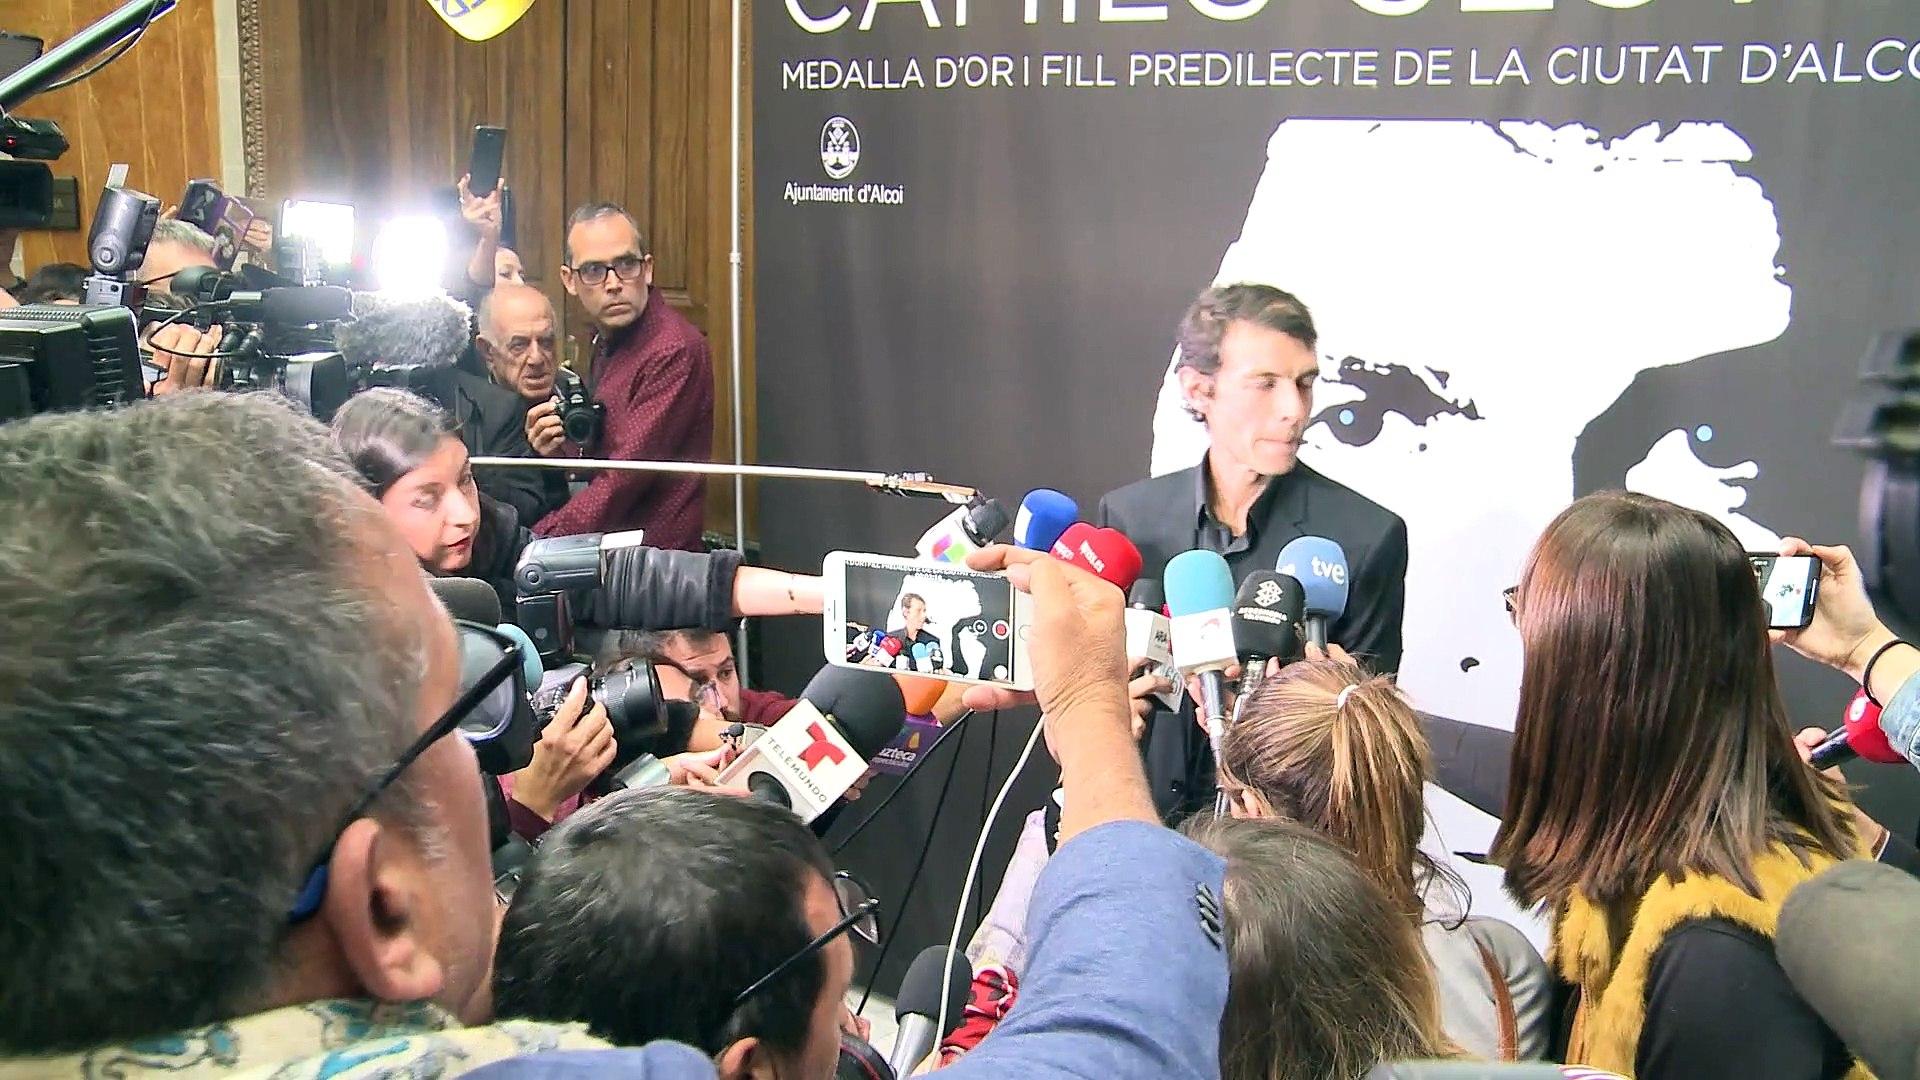 El hijo de Camilo Sesto se despide de su padre en Alcoy